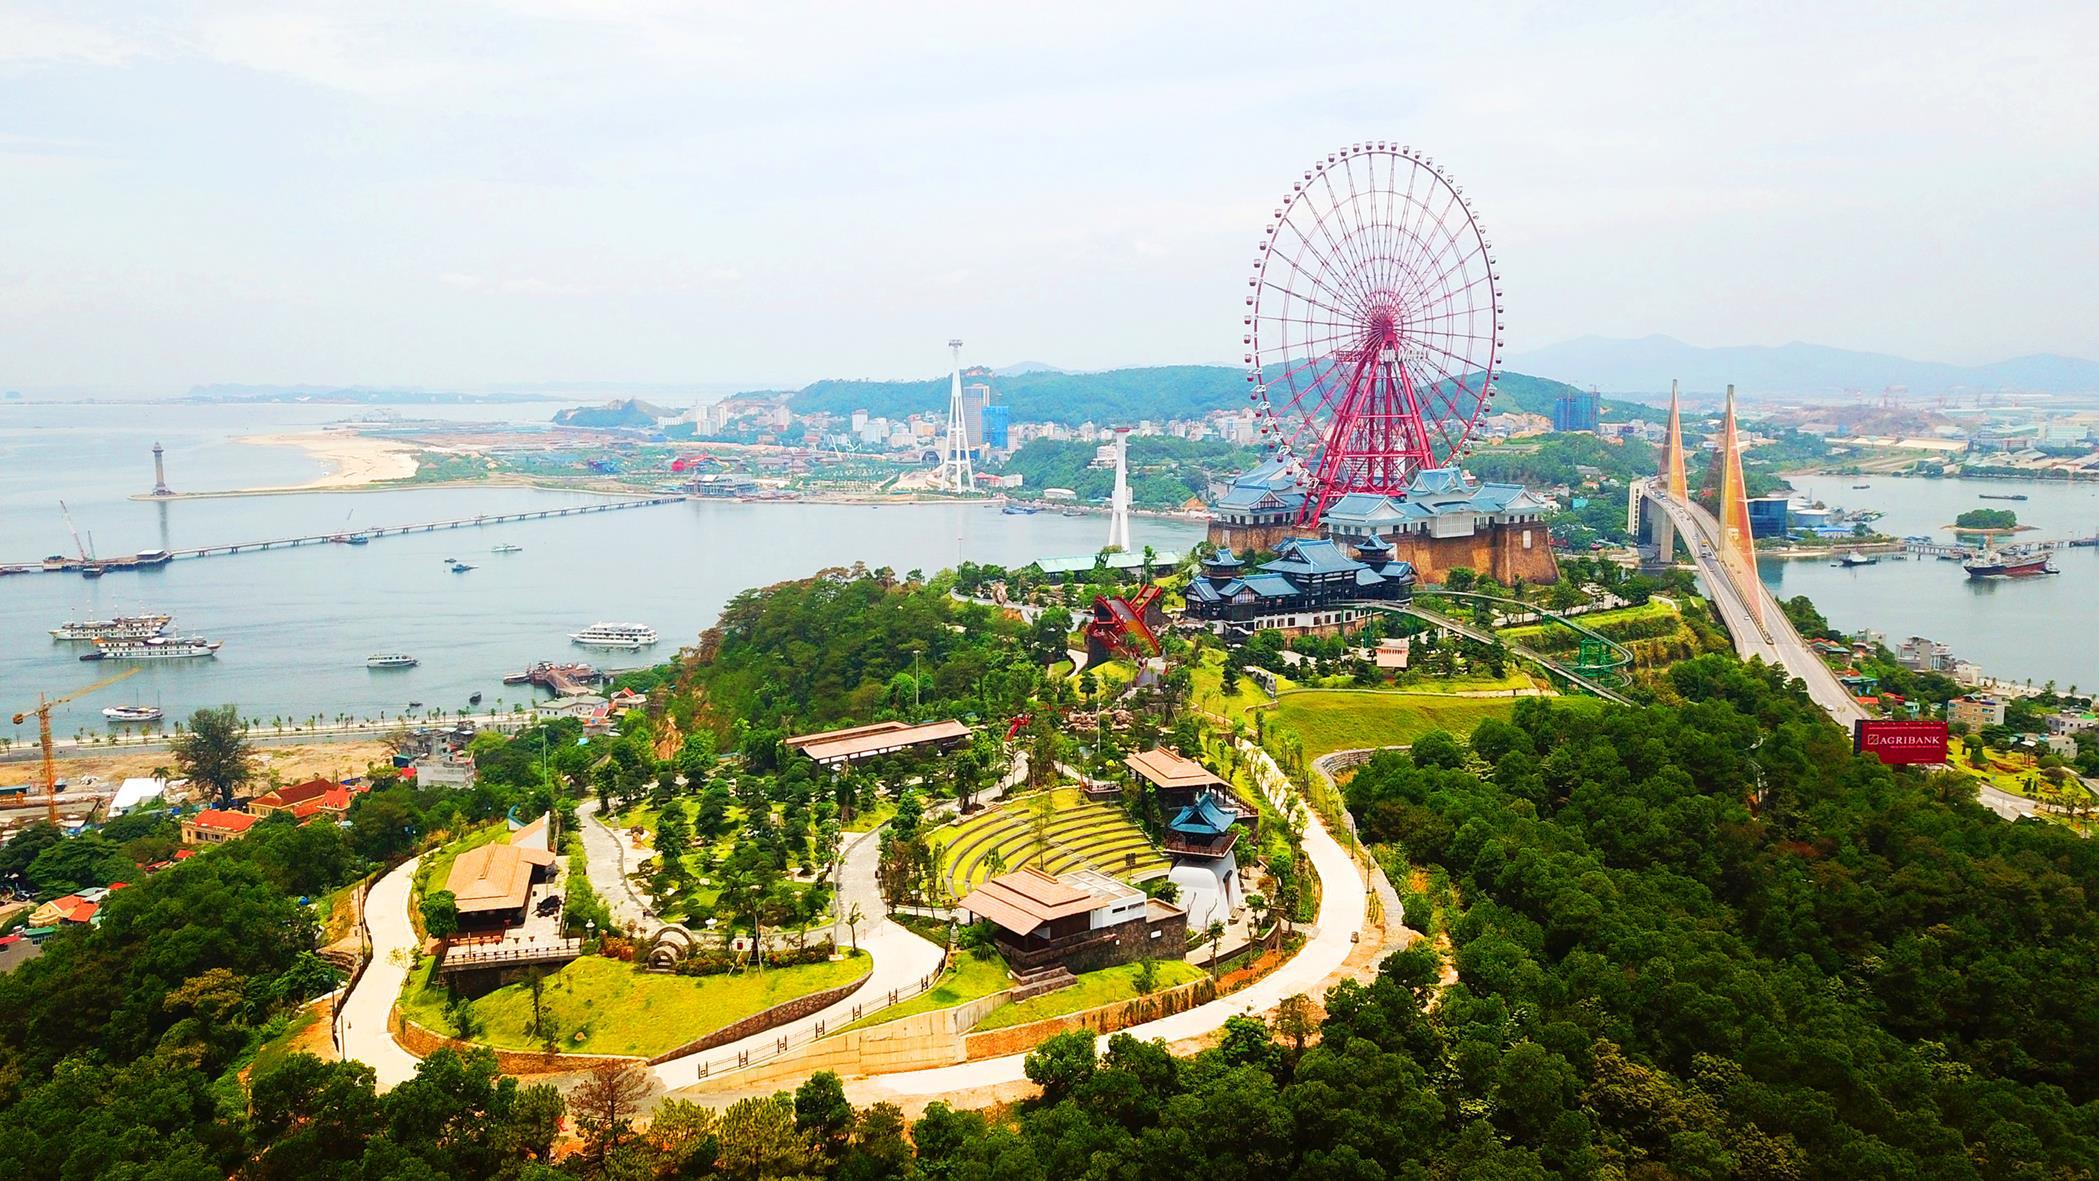 Lời giải cho bài toán đa dạng hóa sản phẩm du lịch Việt từ Sun Group  - Ảnh 3